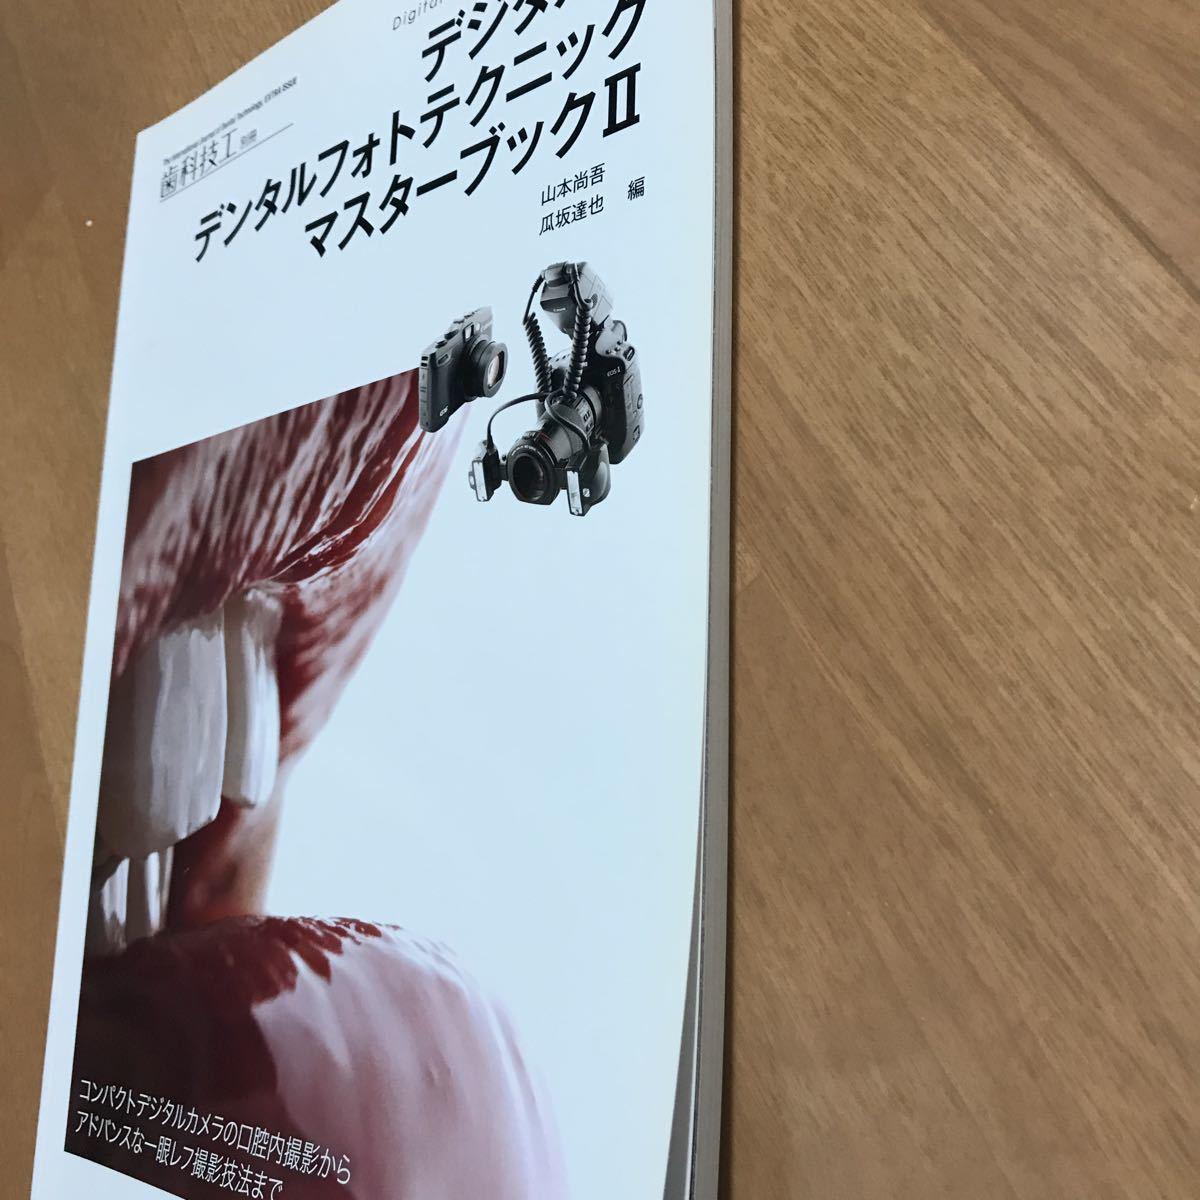 デジタル・デンタルフォトテクニックマスターブックII コンパクトデジタルカメラの口腔内撮影からアドバンスな一眼レフ撮影技法 歯科 技工_画像2